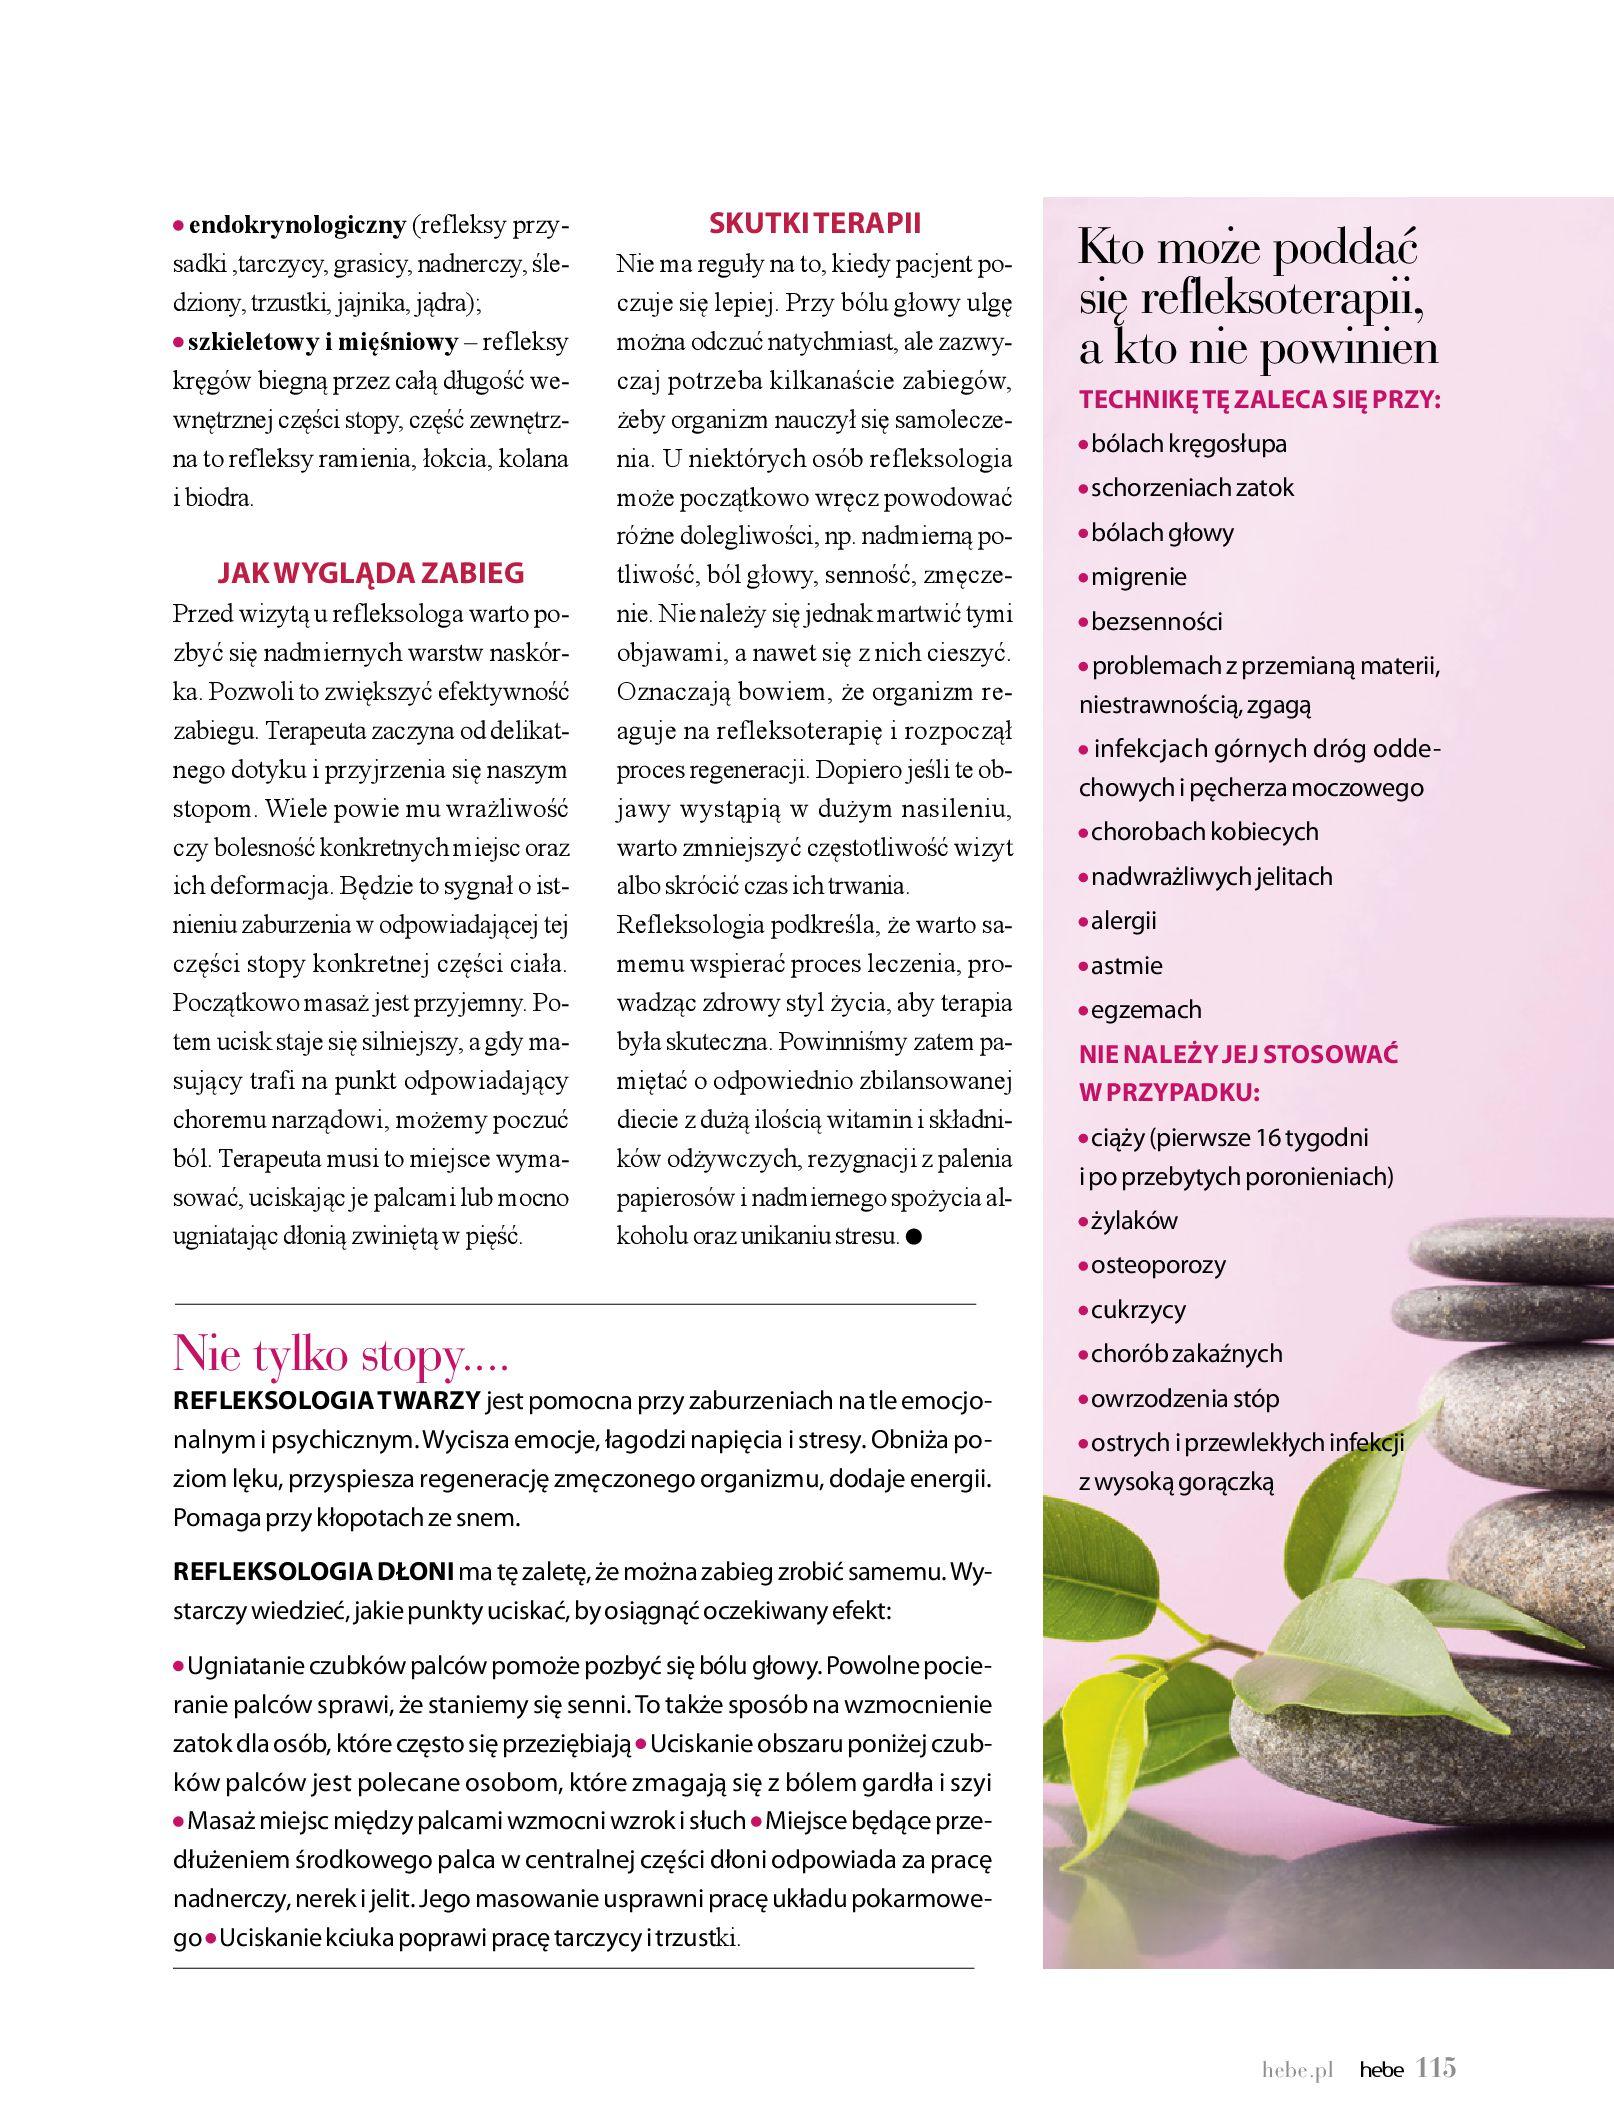 Gazetka hebe - Magazyn Hebe-30.06.2020-31.08.2020-page-115